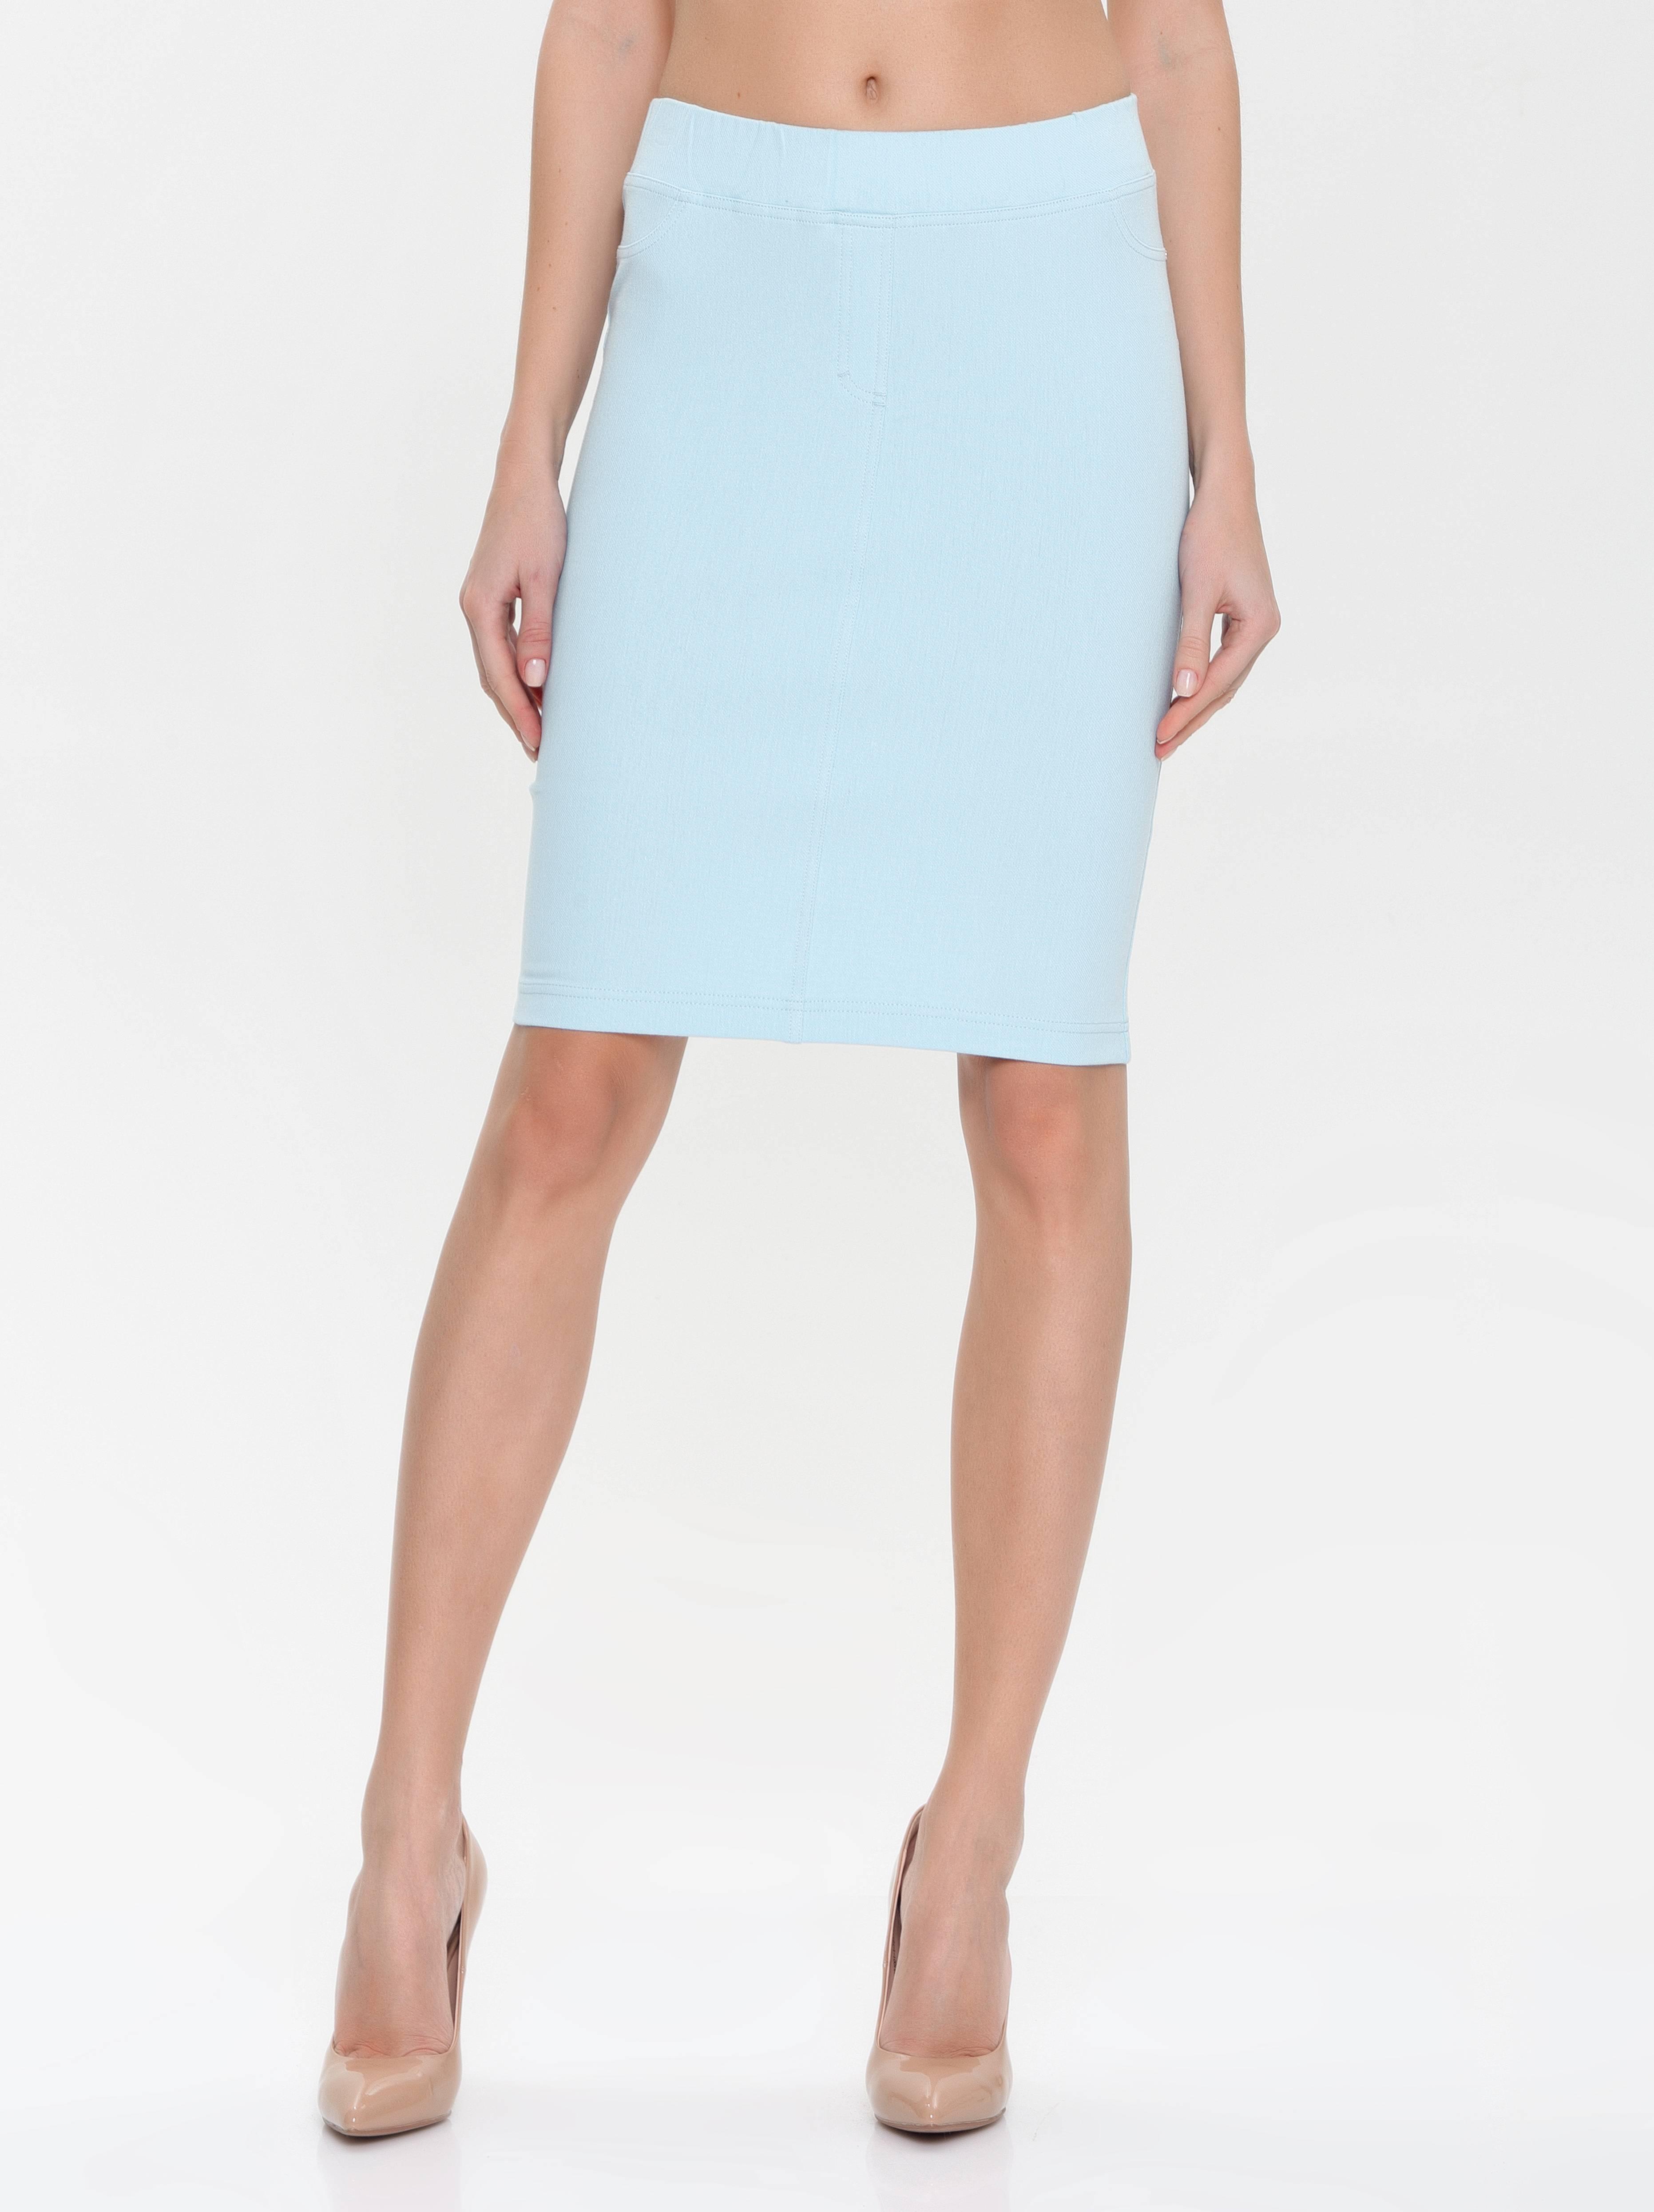 Юбка женская ⭐️ Моделирующая юбка с эффектом